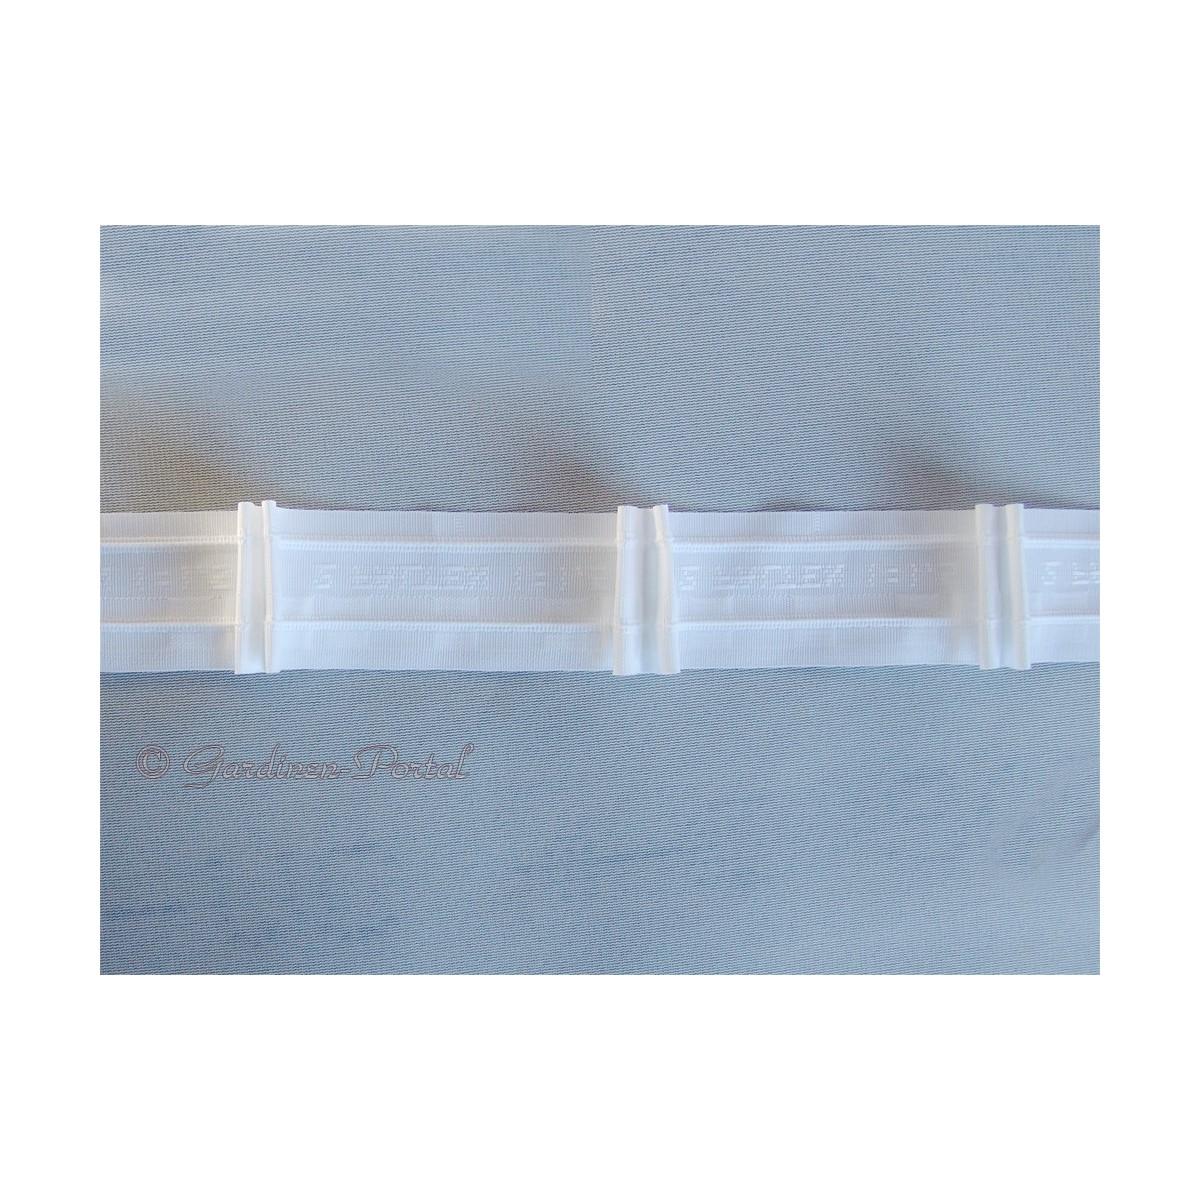 3 m Reihband Automatik-Faltenband Gardinenband 1:1,5 weiß 50mm 2 Falten